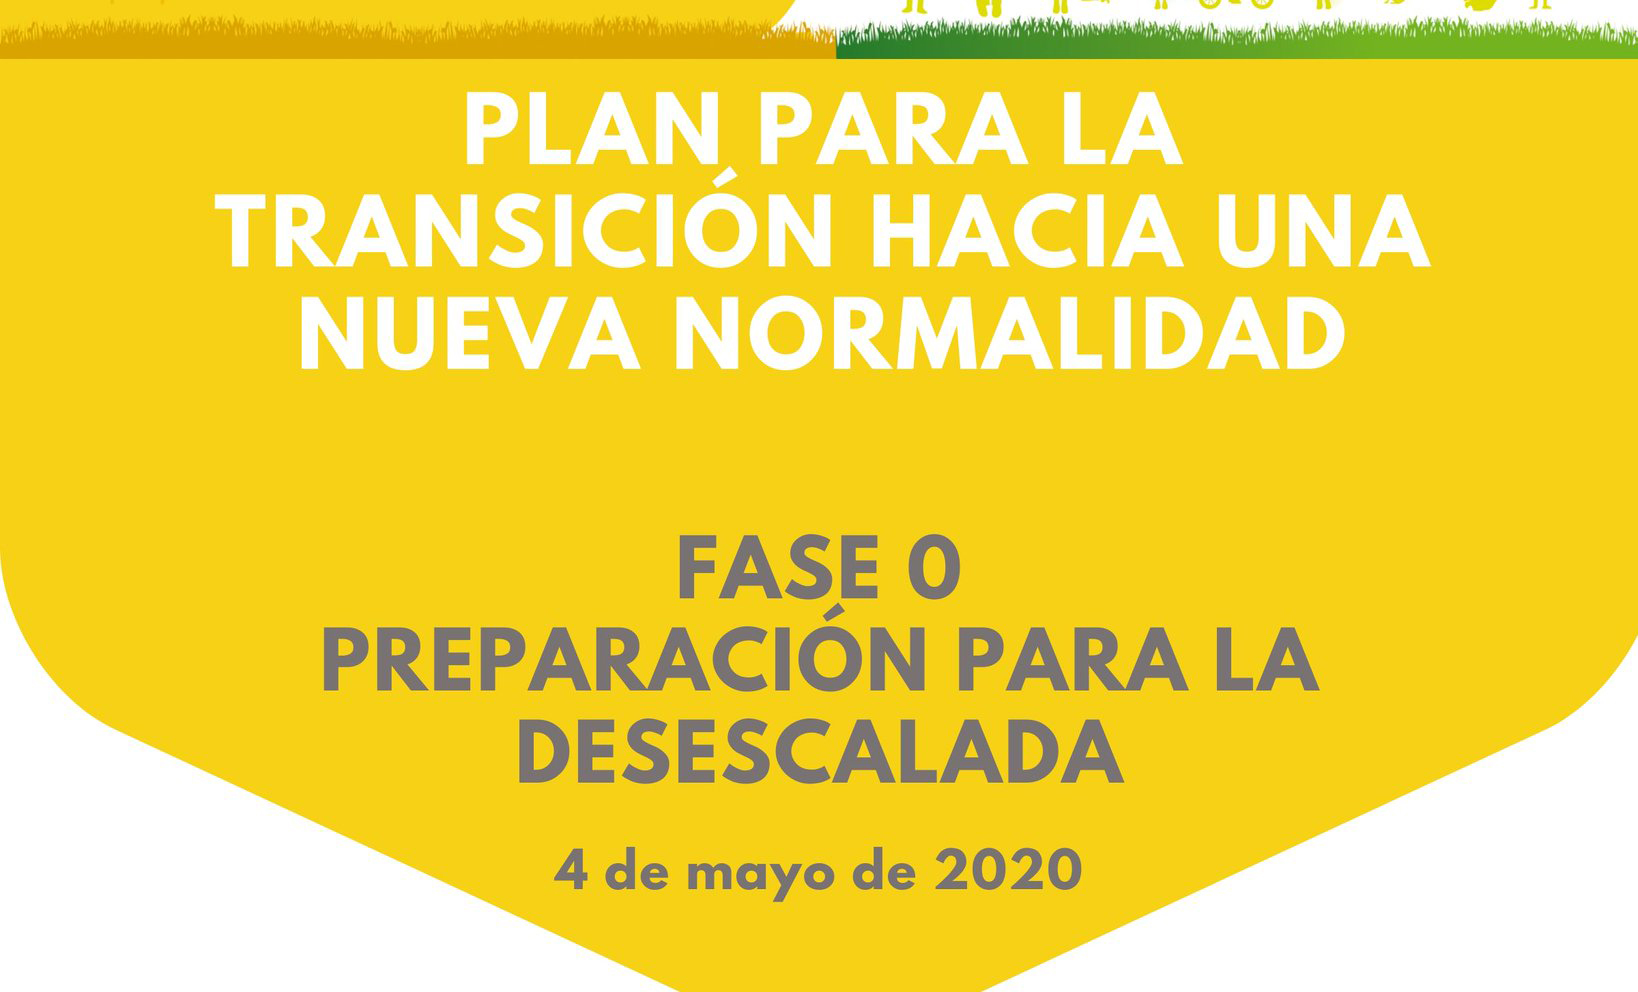 Medidas Fase 0, Preparación para la Desescalada, a partir del 4 de mayo 2020